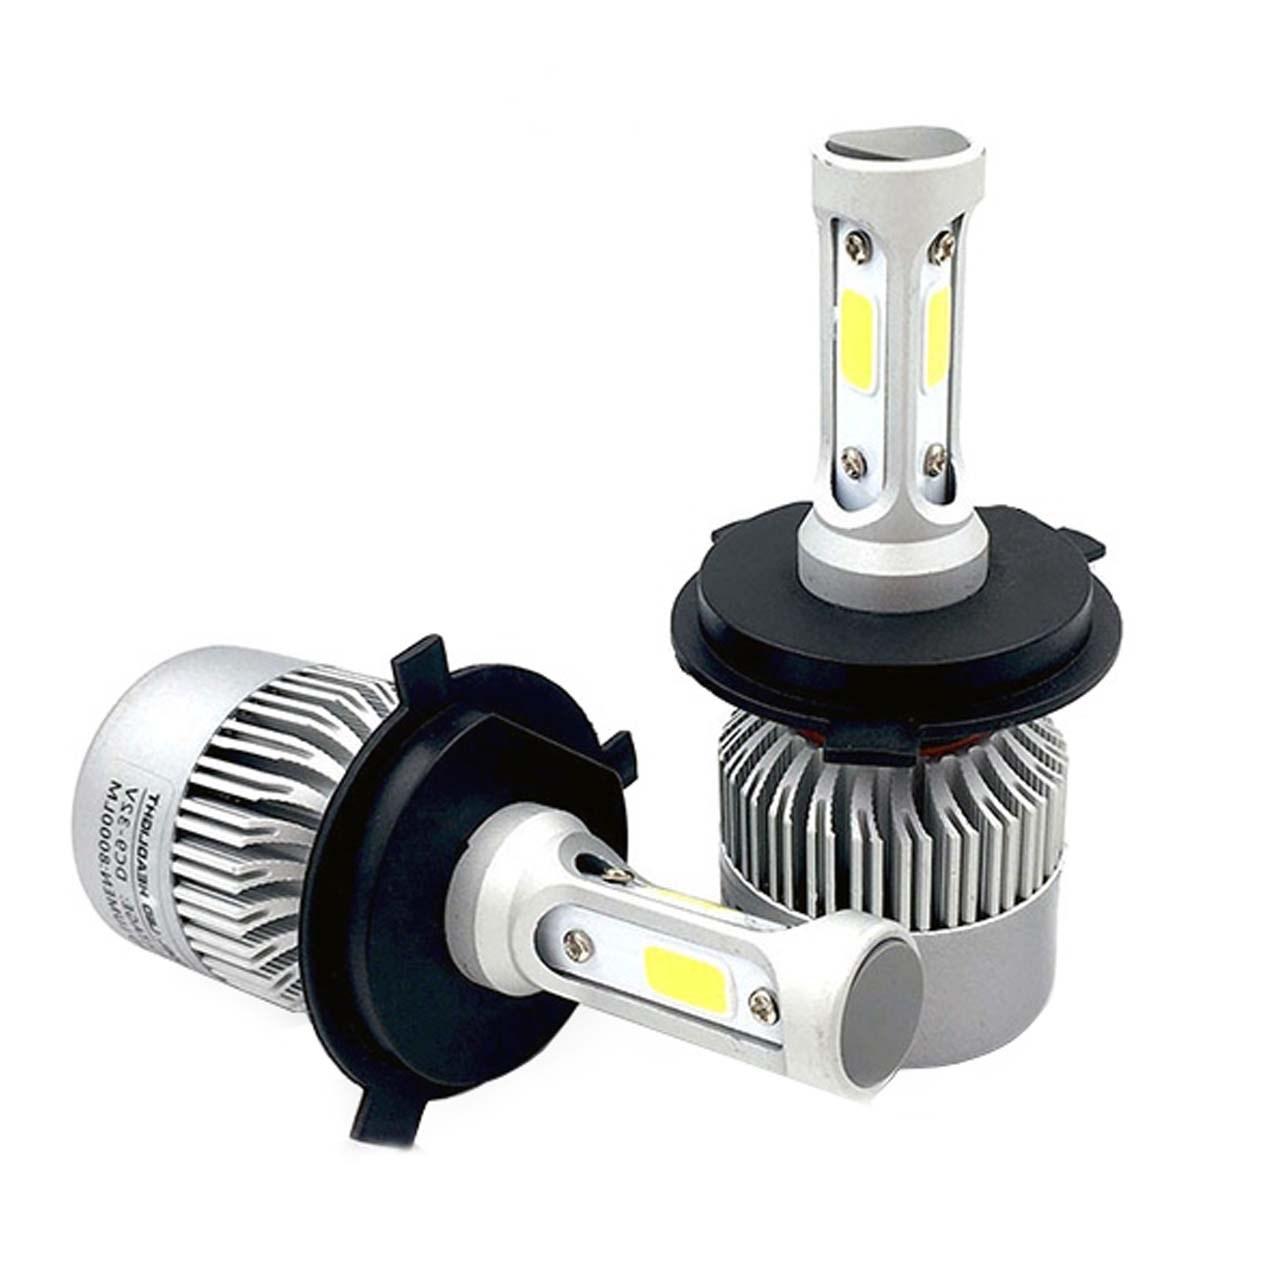 لامپ خودرو T2 مدل H4 بسته 2 عددی